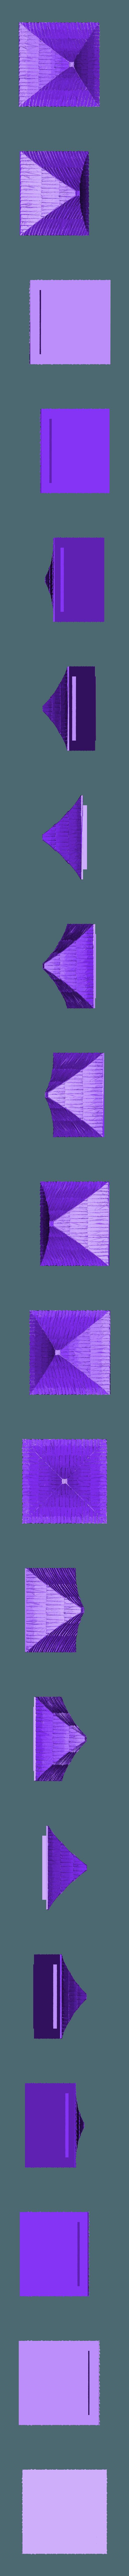 roof.stl Télécharger fichier STL Tiny house • Plan pour impression 3D, Motek3D